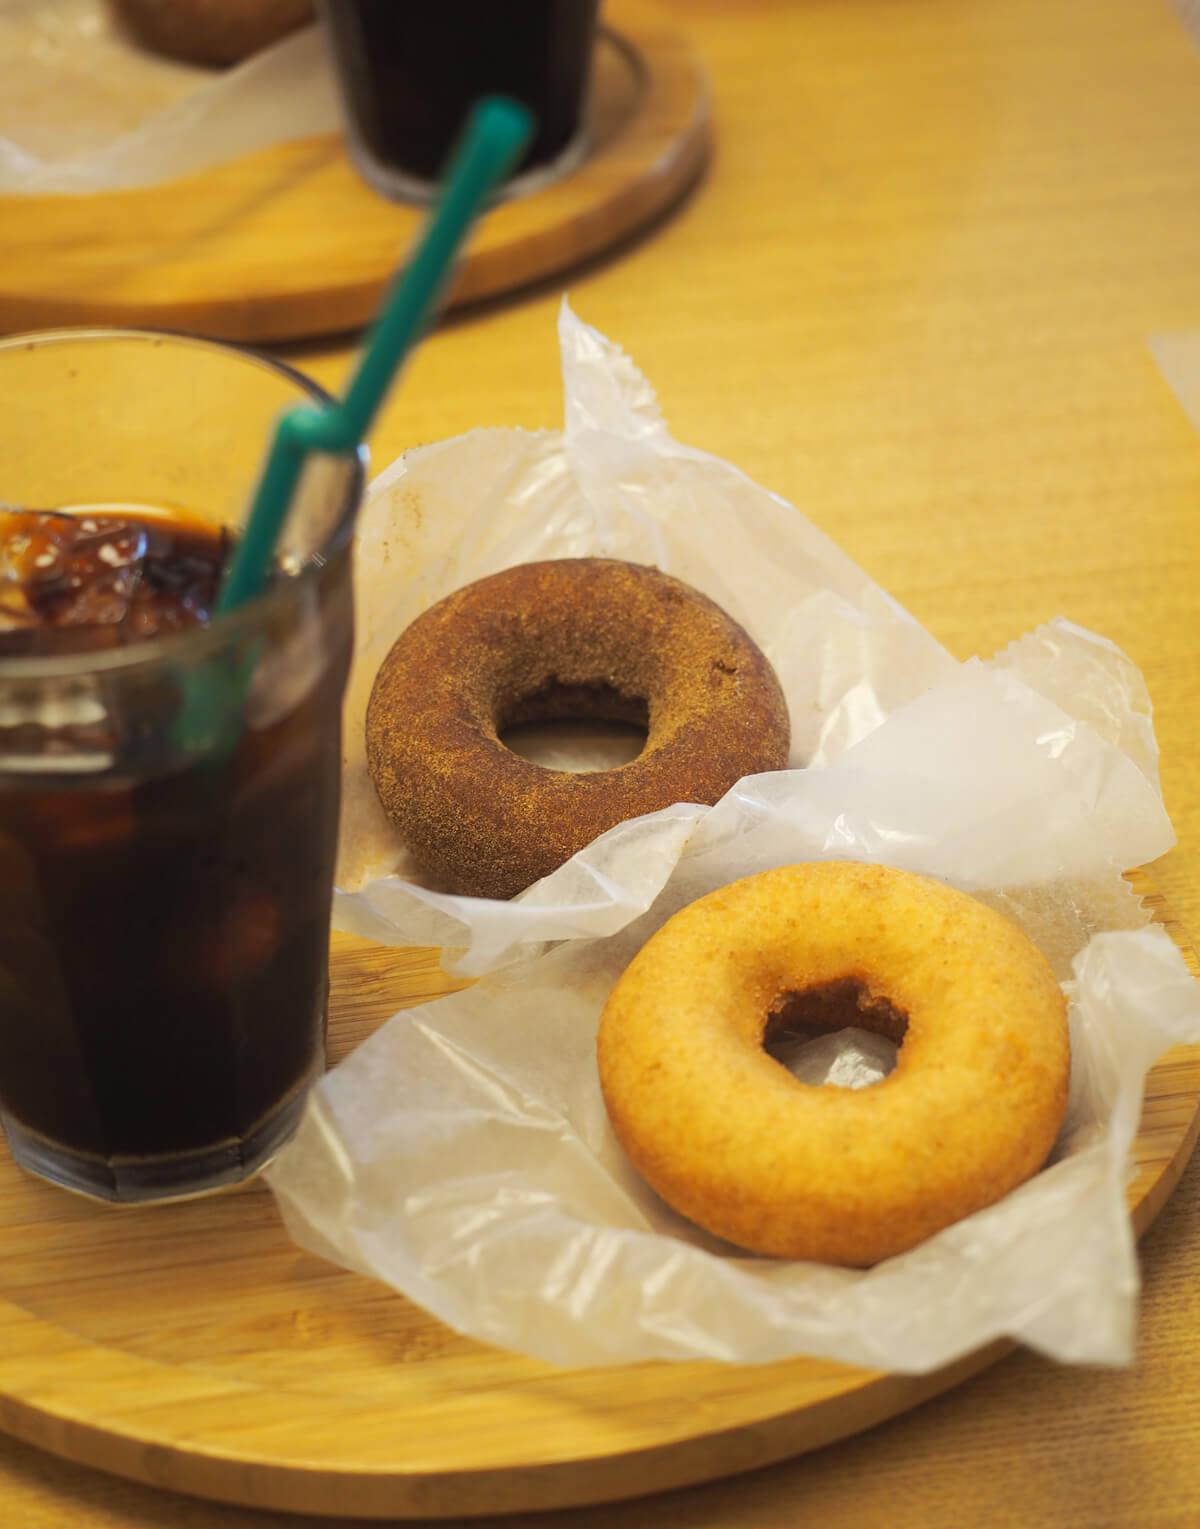 ネイチャードーナツとアイスコーヒー